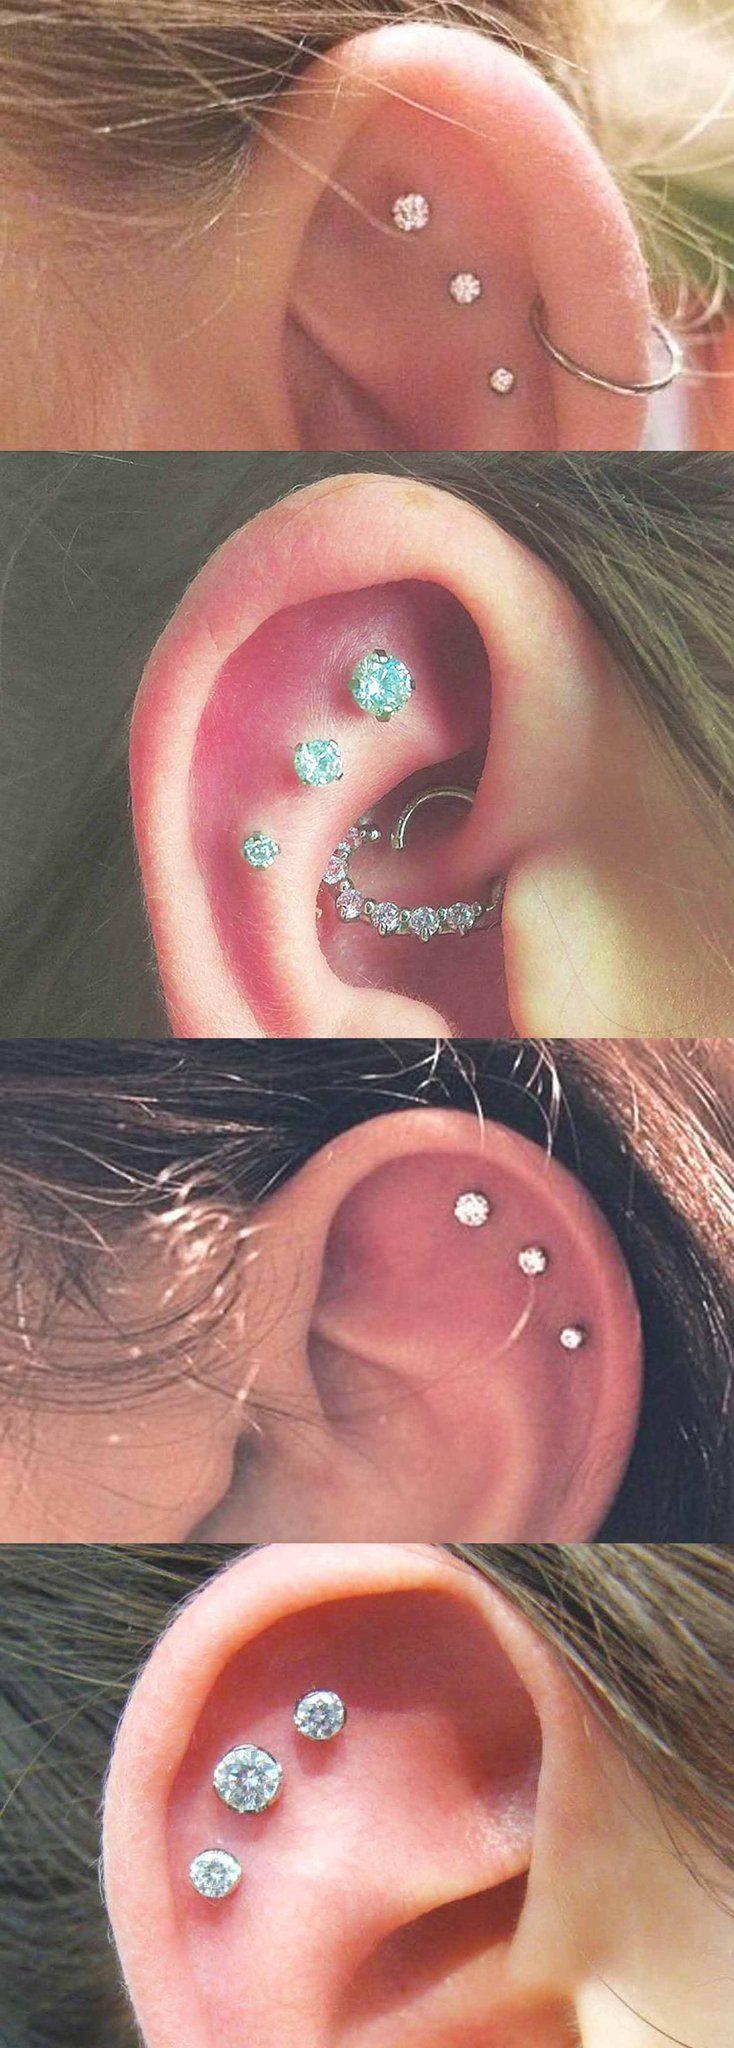 Piercing arten ohr  Ear Piercings Ideas for ONLY the Trendiest  Náušnice Šperky a Nápady